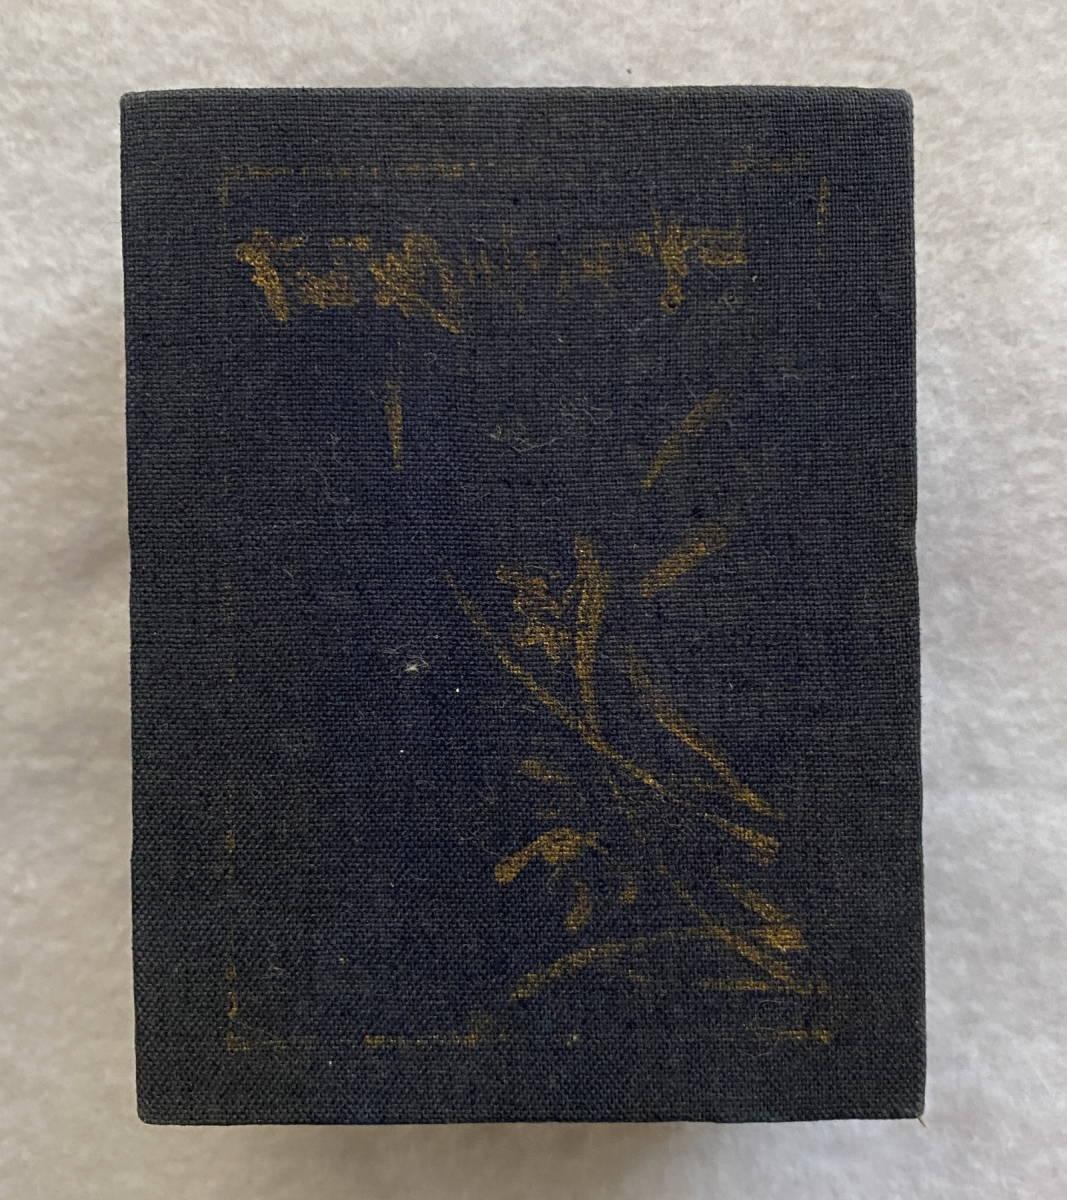 印材 3cm角 1対 印章 篆刻 中国 書道_画像8